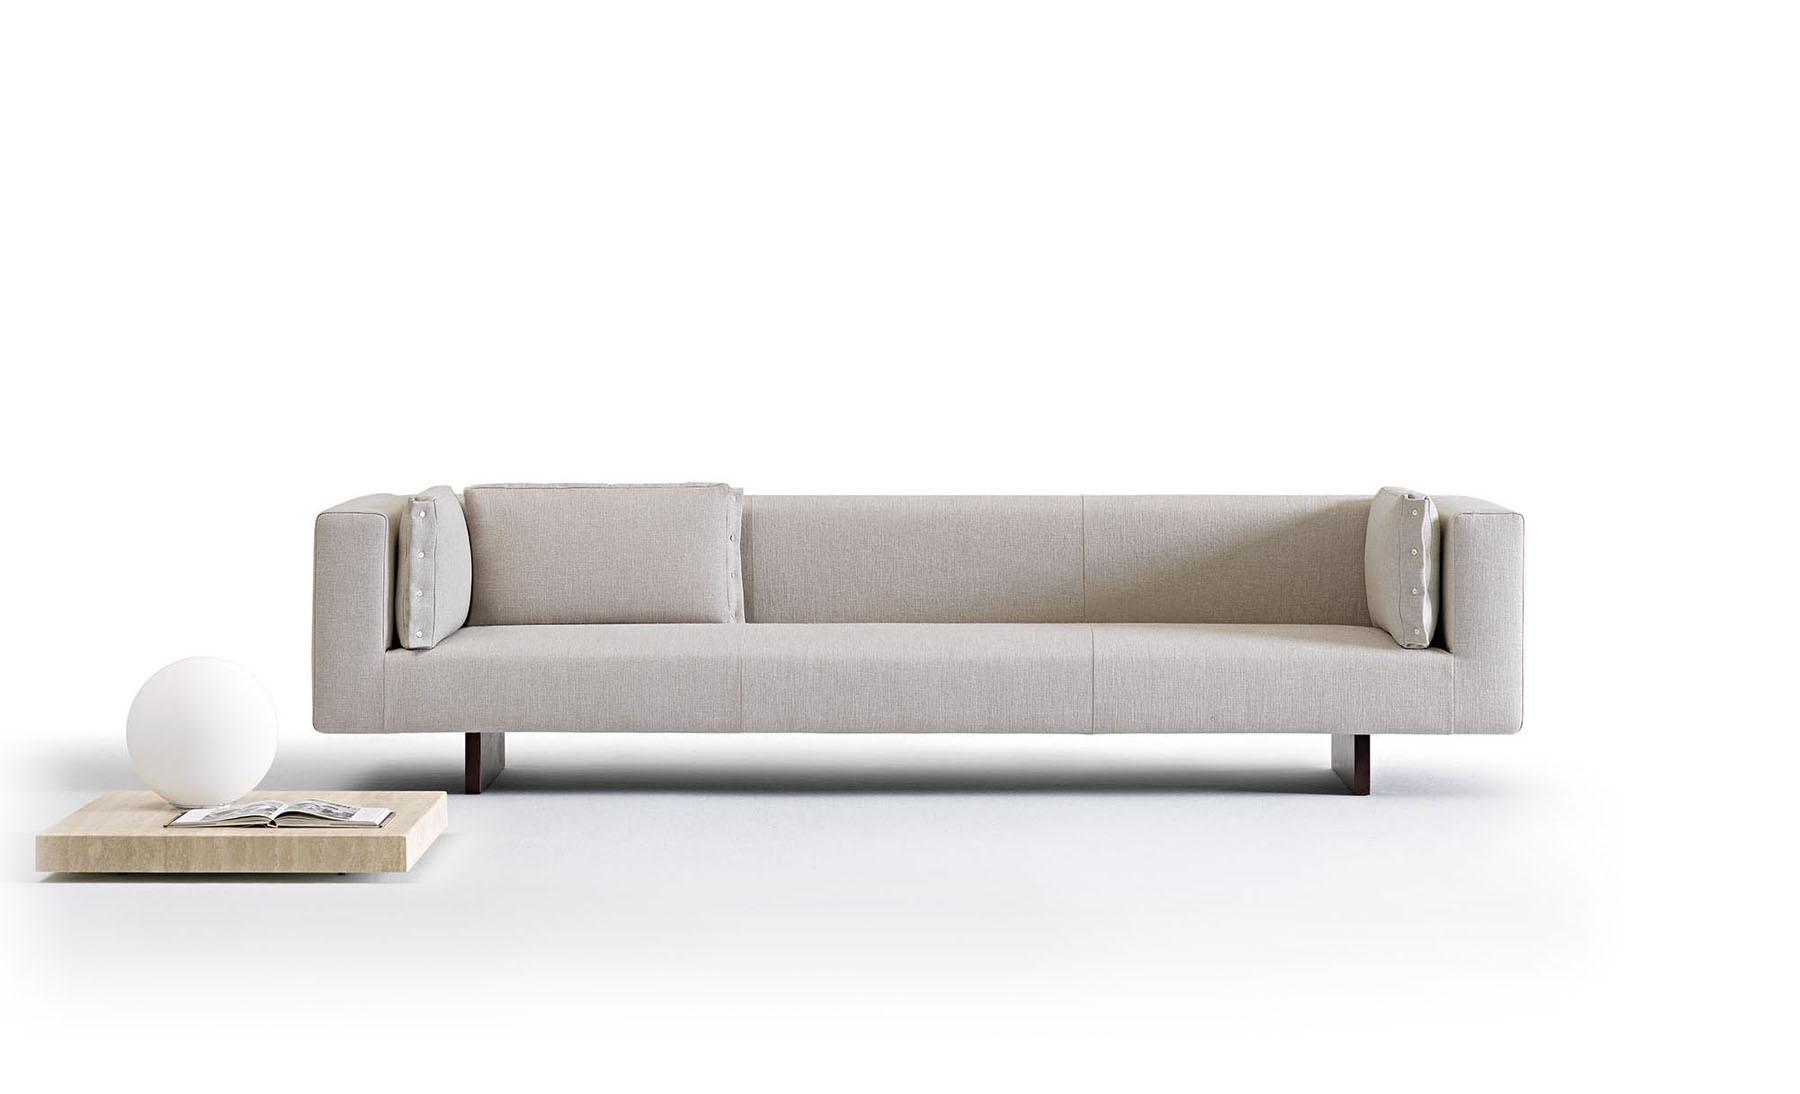 DEMA - Divani componibili, divani di design, poltrone e divani letto ...